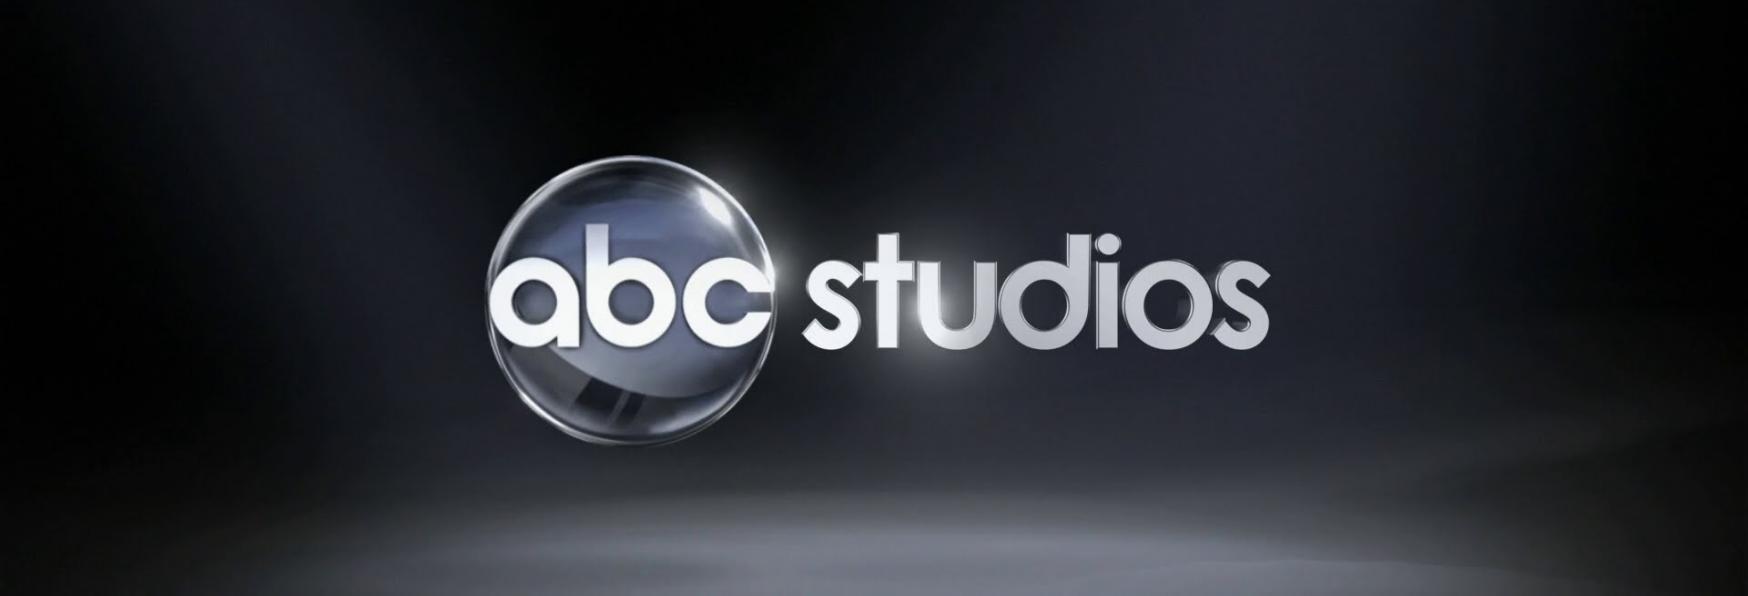 La Rete ABC Cancella alcune Serie TV tra cui Single Parents